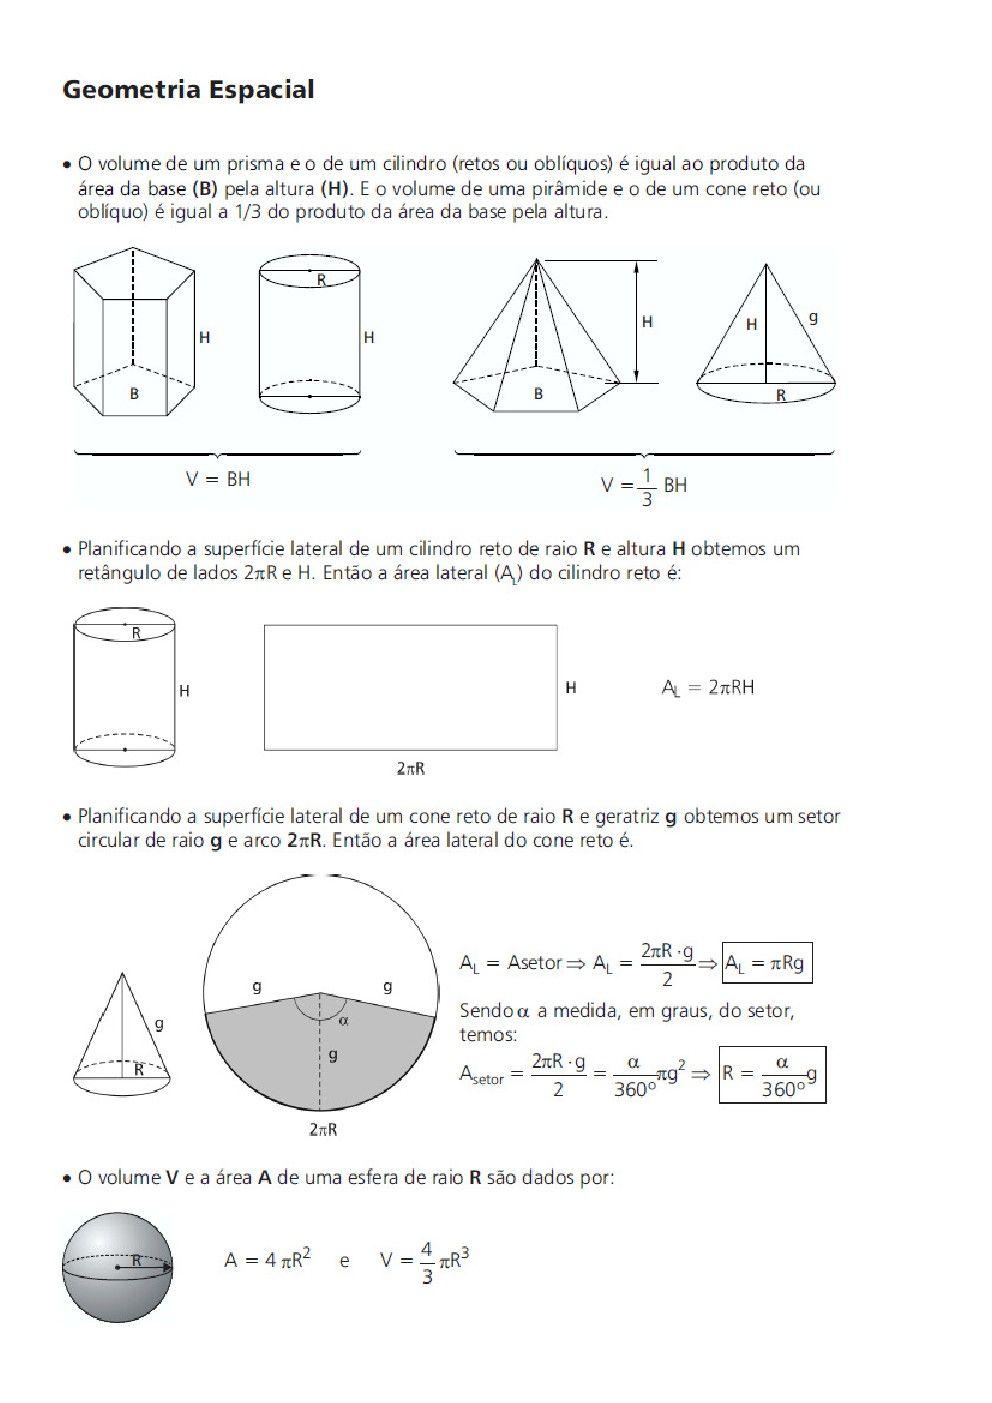 Geometria Espacial Ii Geometria Espacial Fisica E Matematica